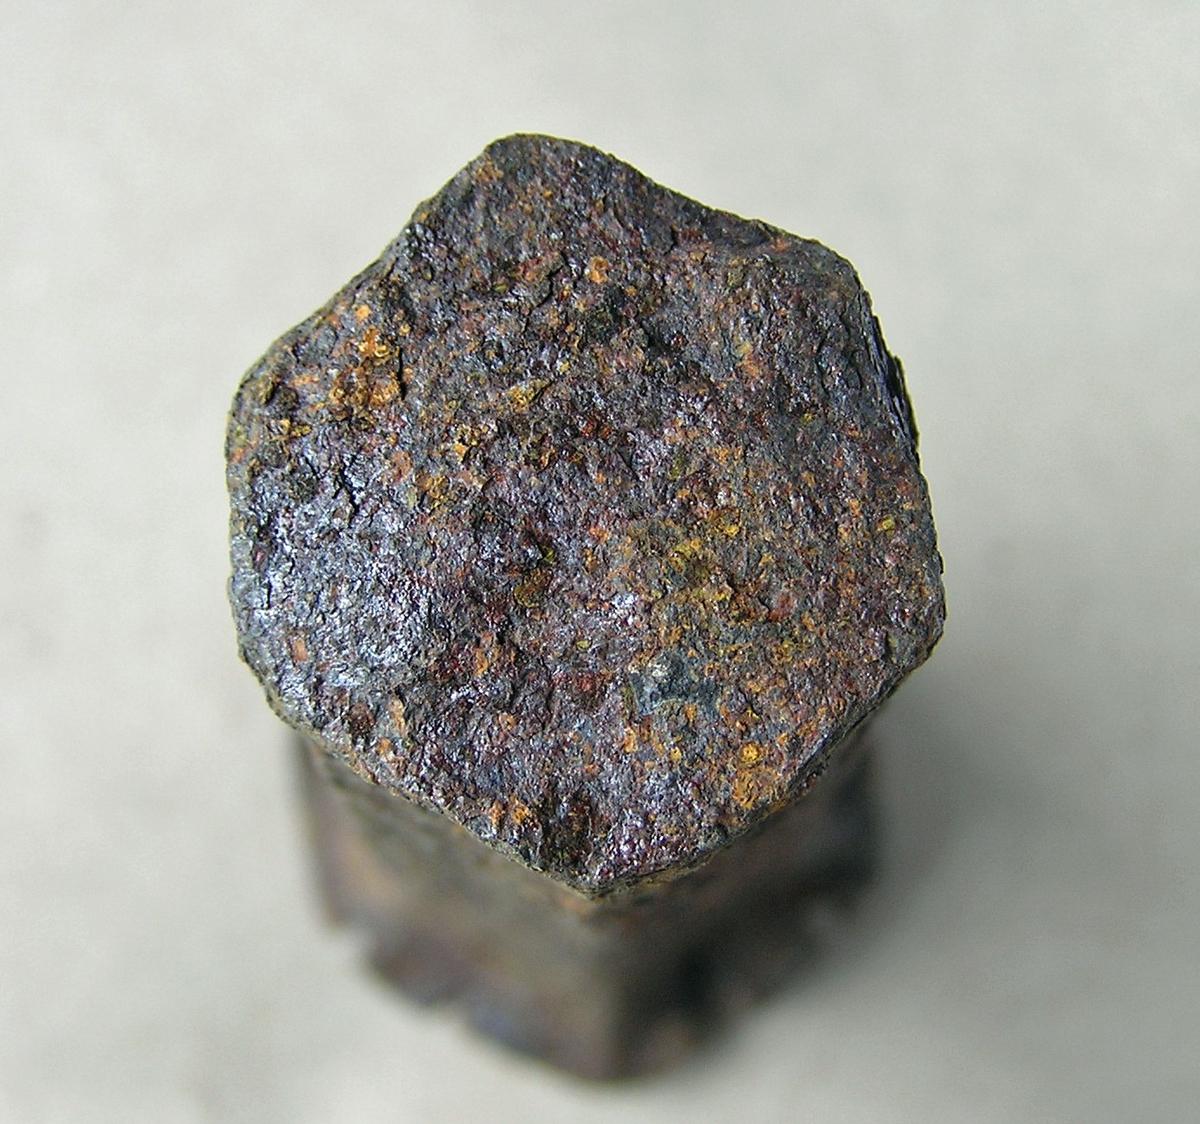 Dor (?) beregnet til å slå sekskantet hull i varmt jern med. Jernet som det skal lages hull i legges enten over et hull i ambolten/smisteet eller over et jernstykke med huller i (lokkskive).  Til dels mye rust. Nakken stuket og flisete.